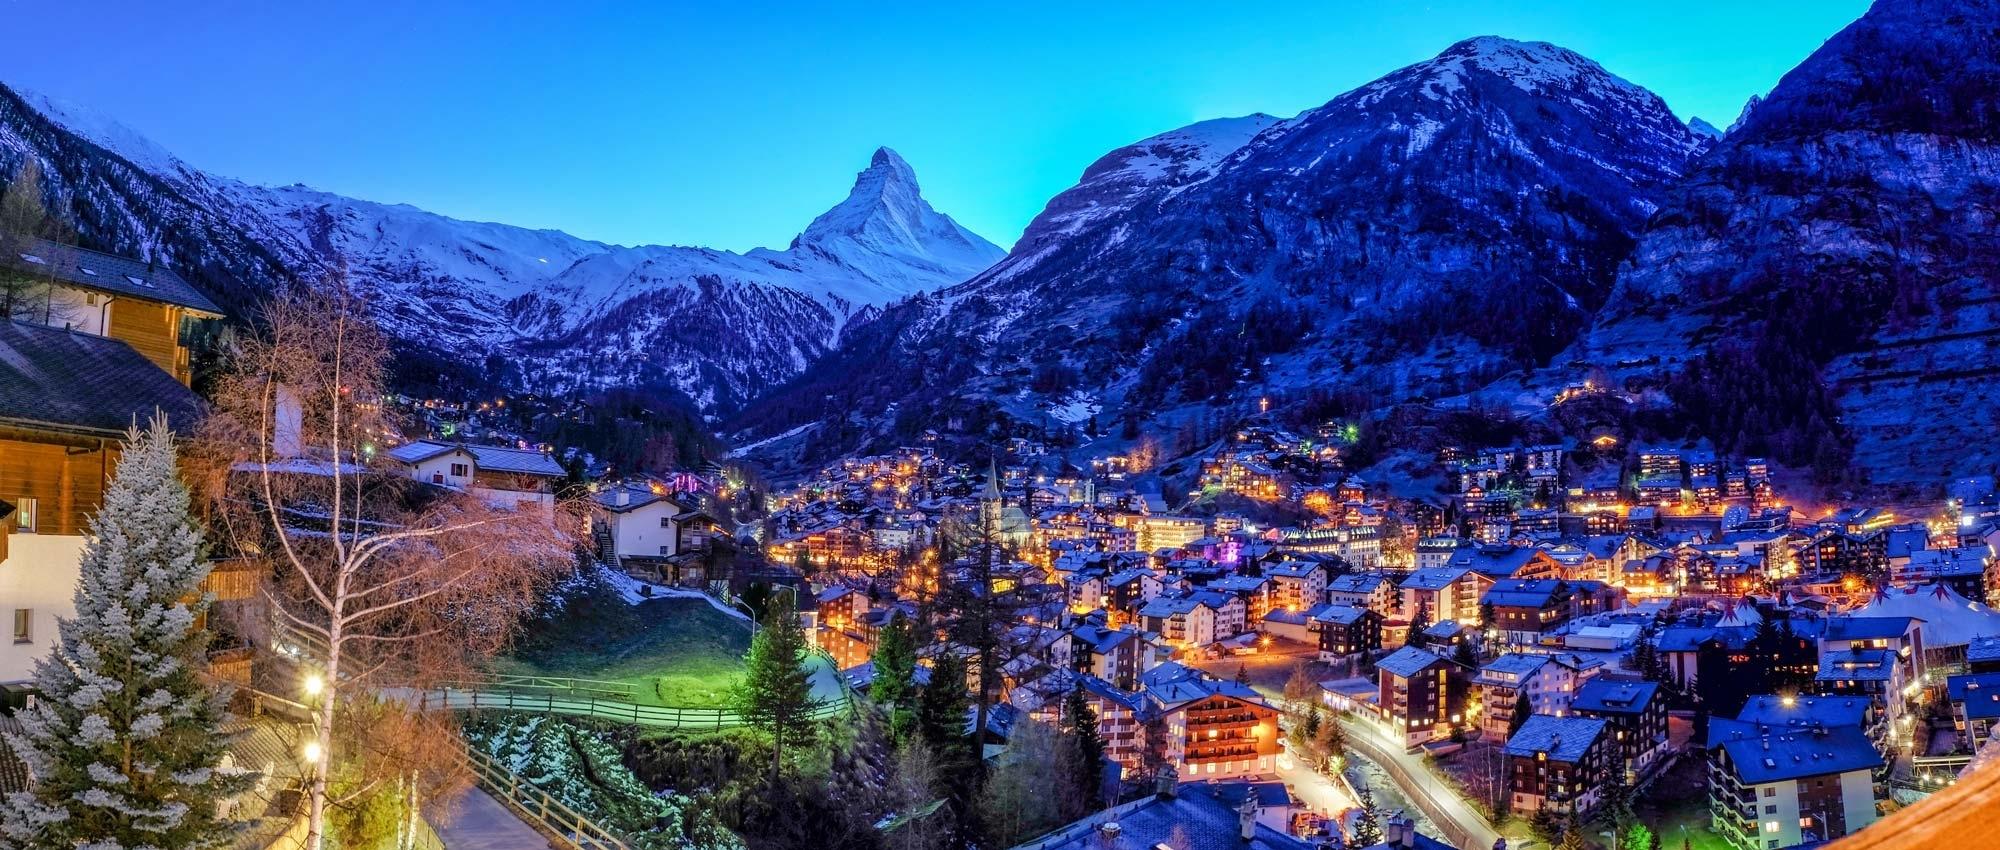 Noleggio Bentley a Zermatt